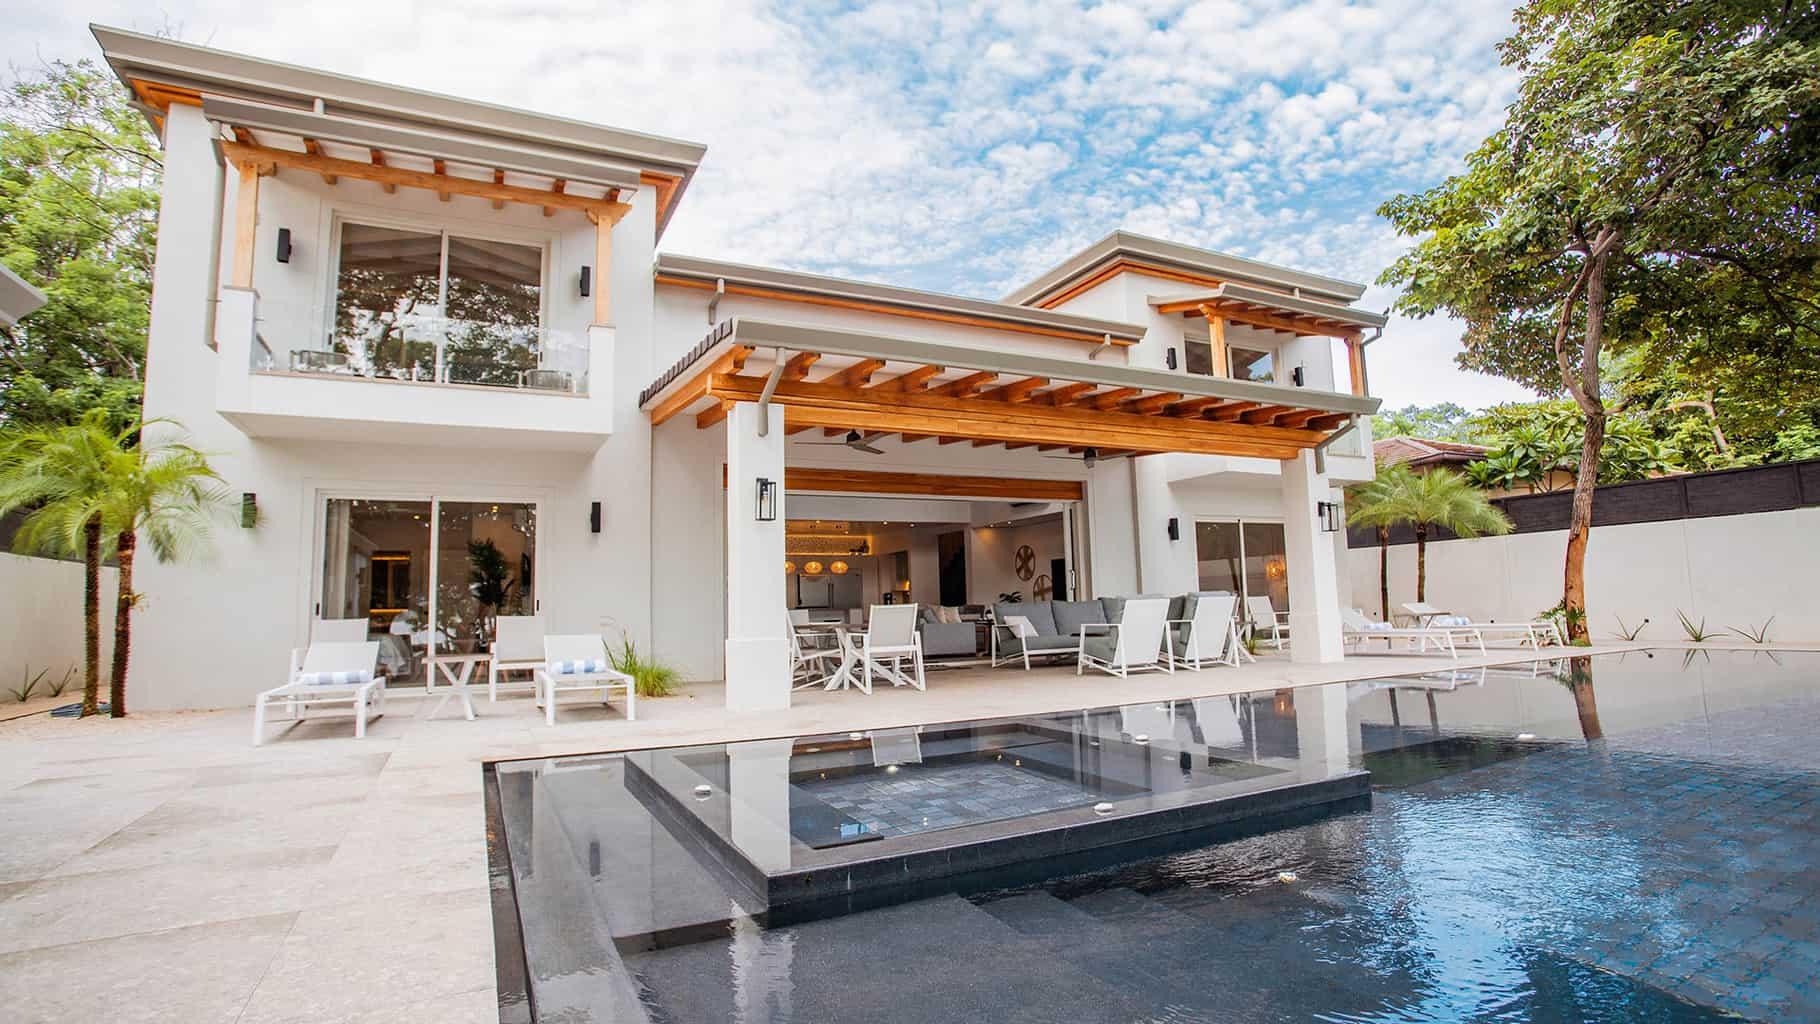 casaperla-poolhouse-tamarindo